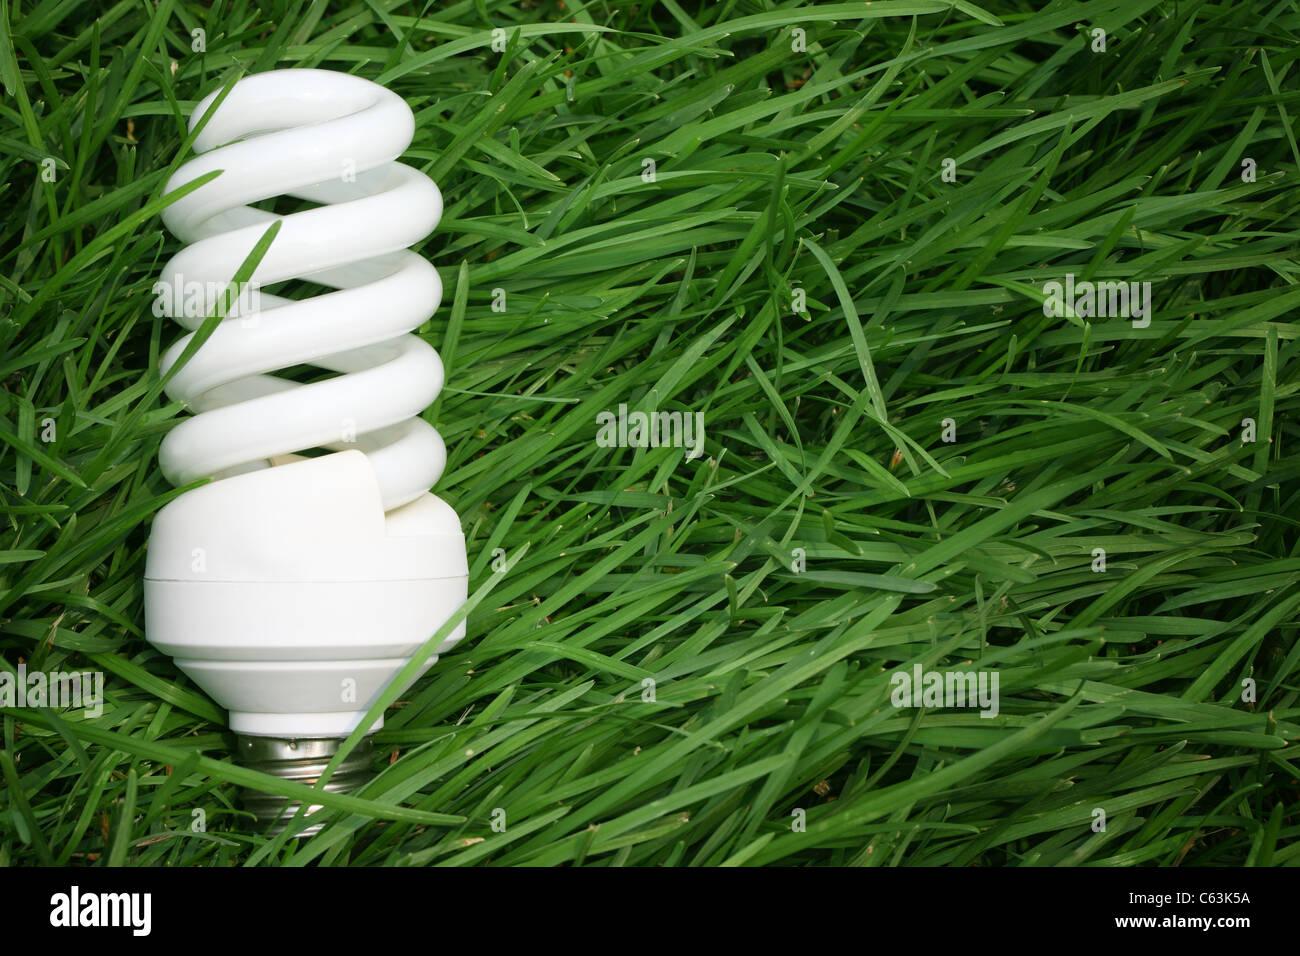 Ampoule à économie d'énergie sur l'herbe verte,concept d'économies d'énergie. Photo Stock